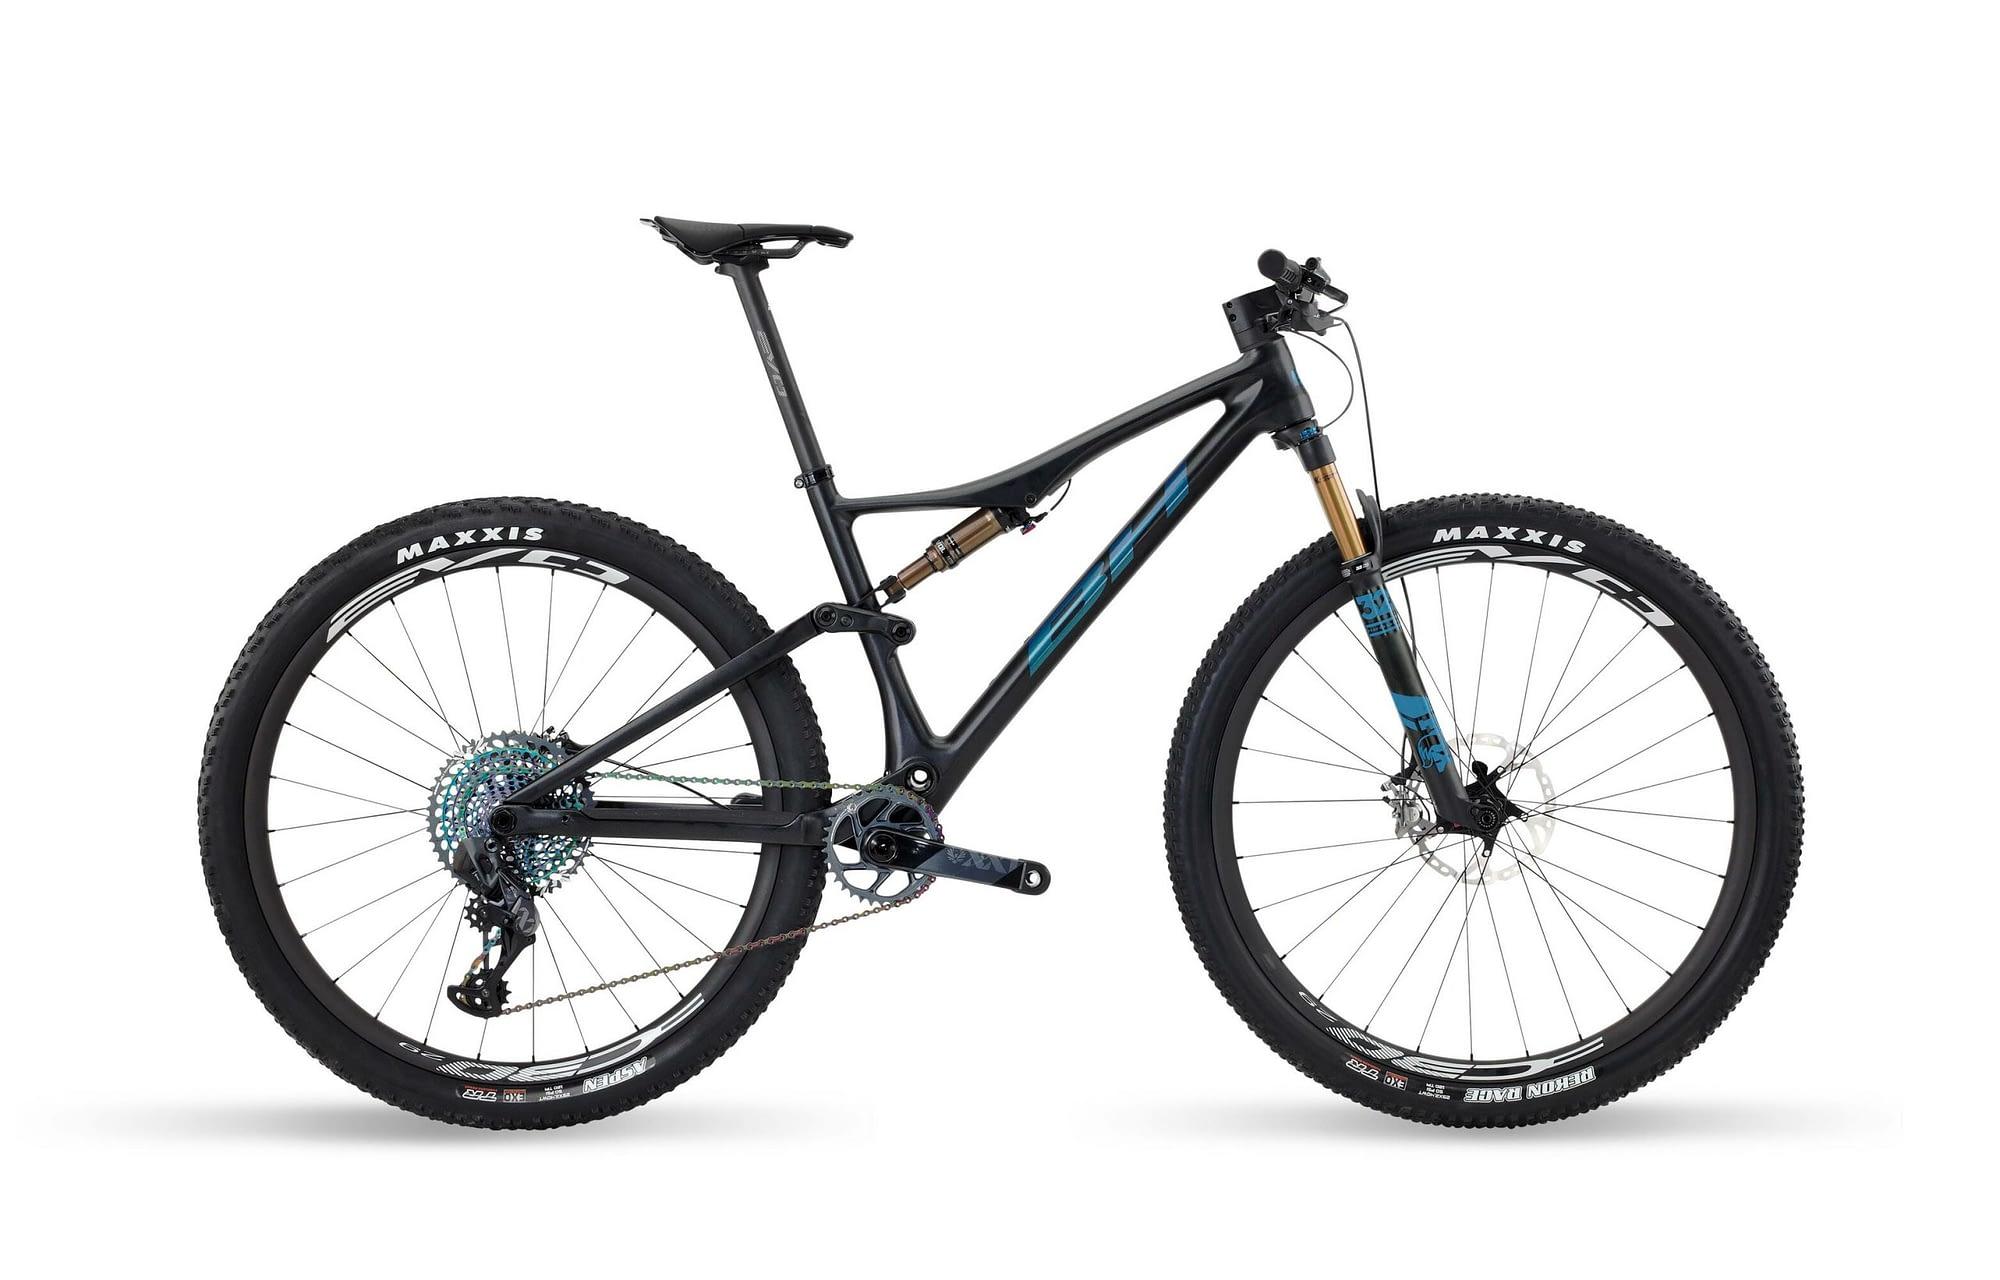 BH LYNX RACE EVO CARBON 9.9 - Noir / Bleu, XL